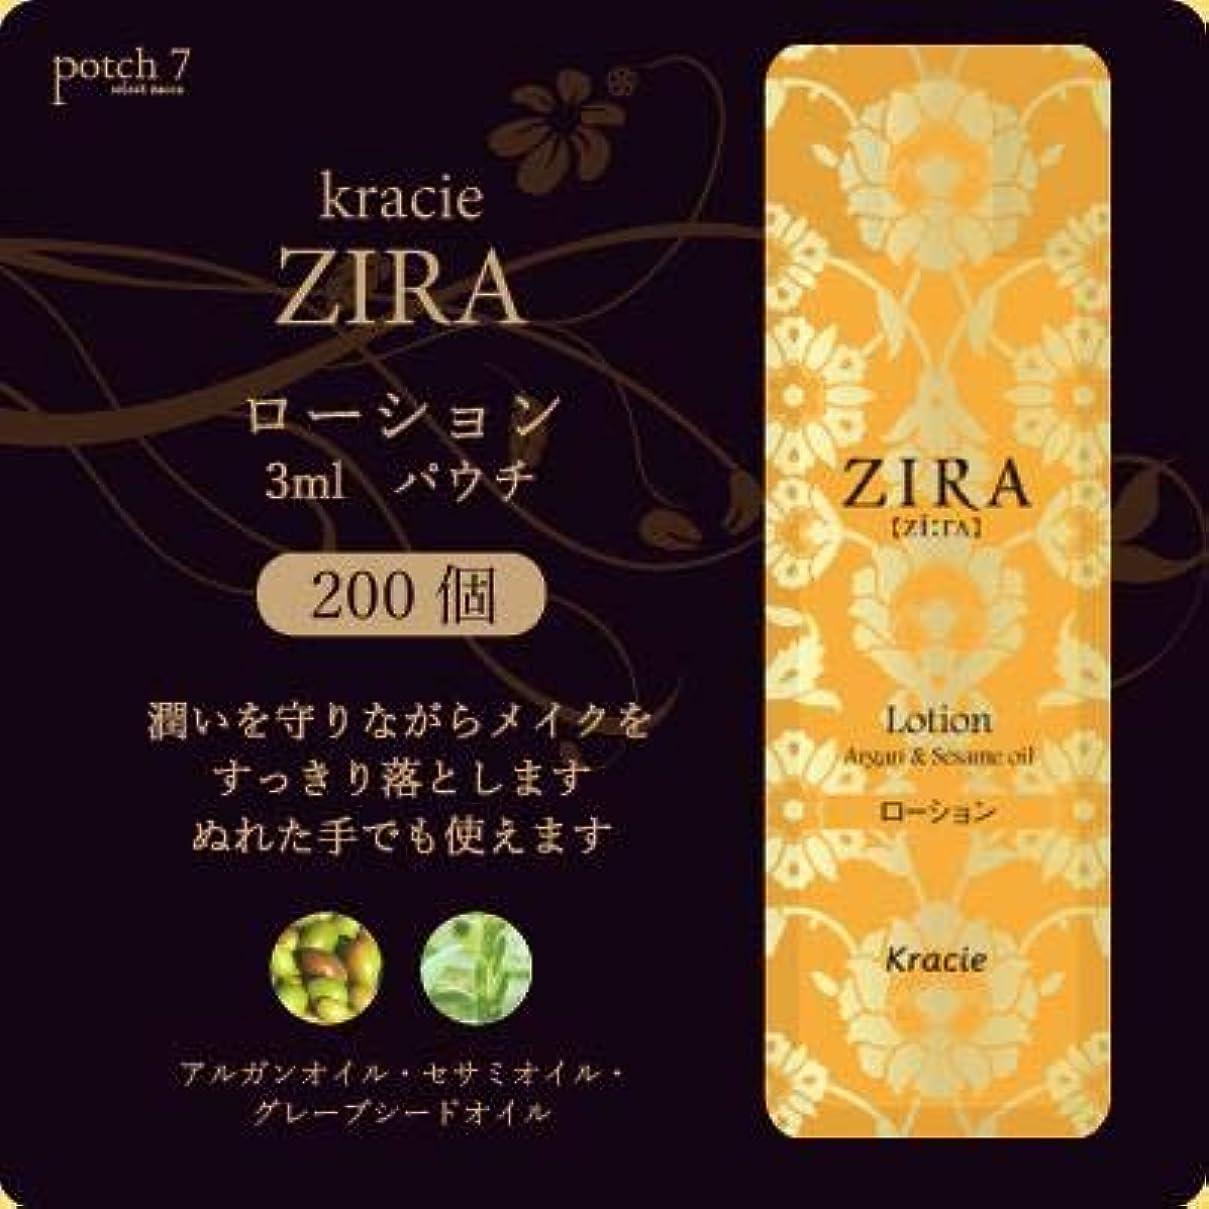 促す作りますパーティーKracie クラシエ ZIRA ジーラ ローション 化粧水 パウチ 3ml 200個入